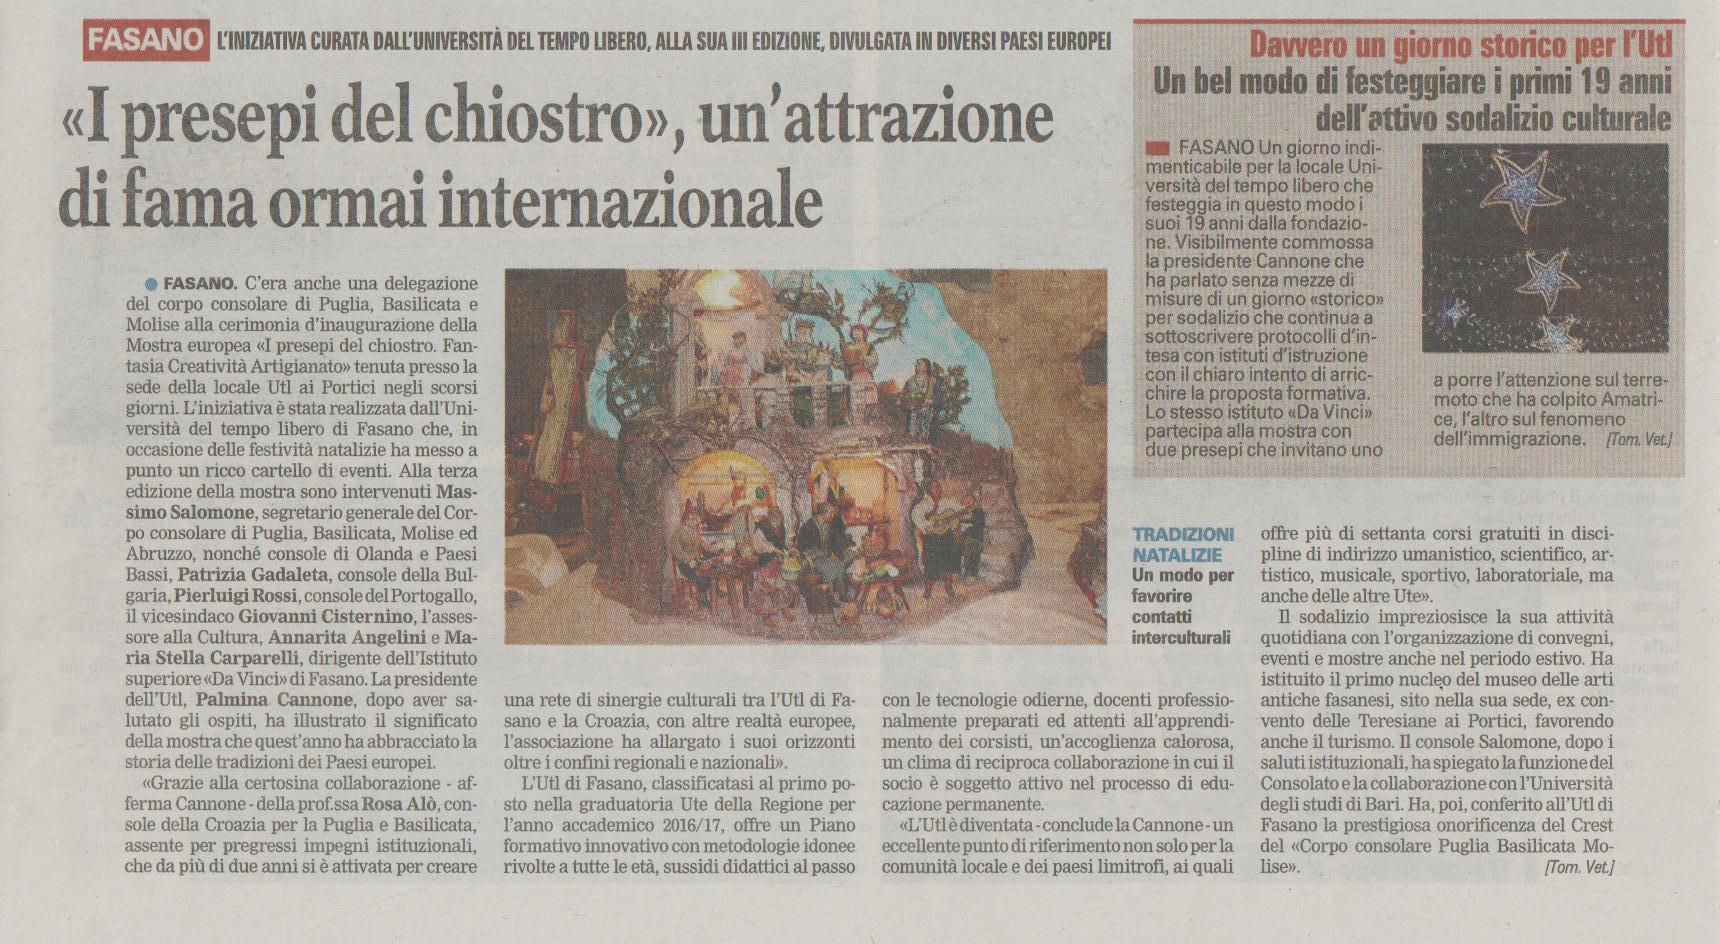 Read more: La mostra europea dei Presepi su La Gazzetta del Mezzogiorno